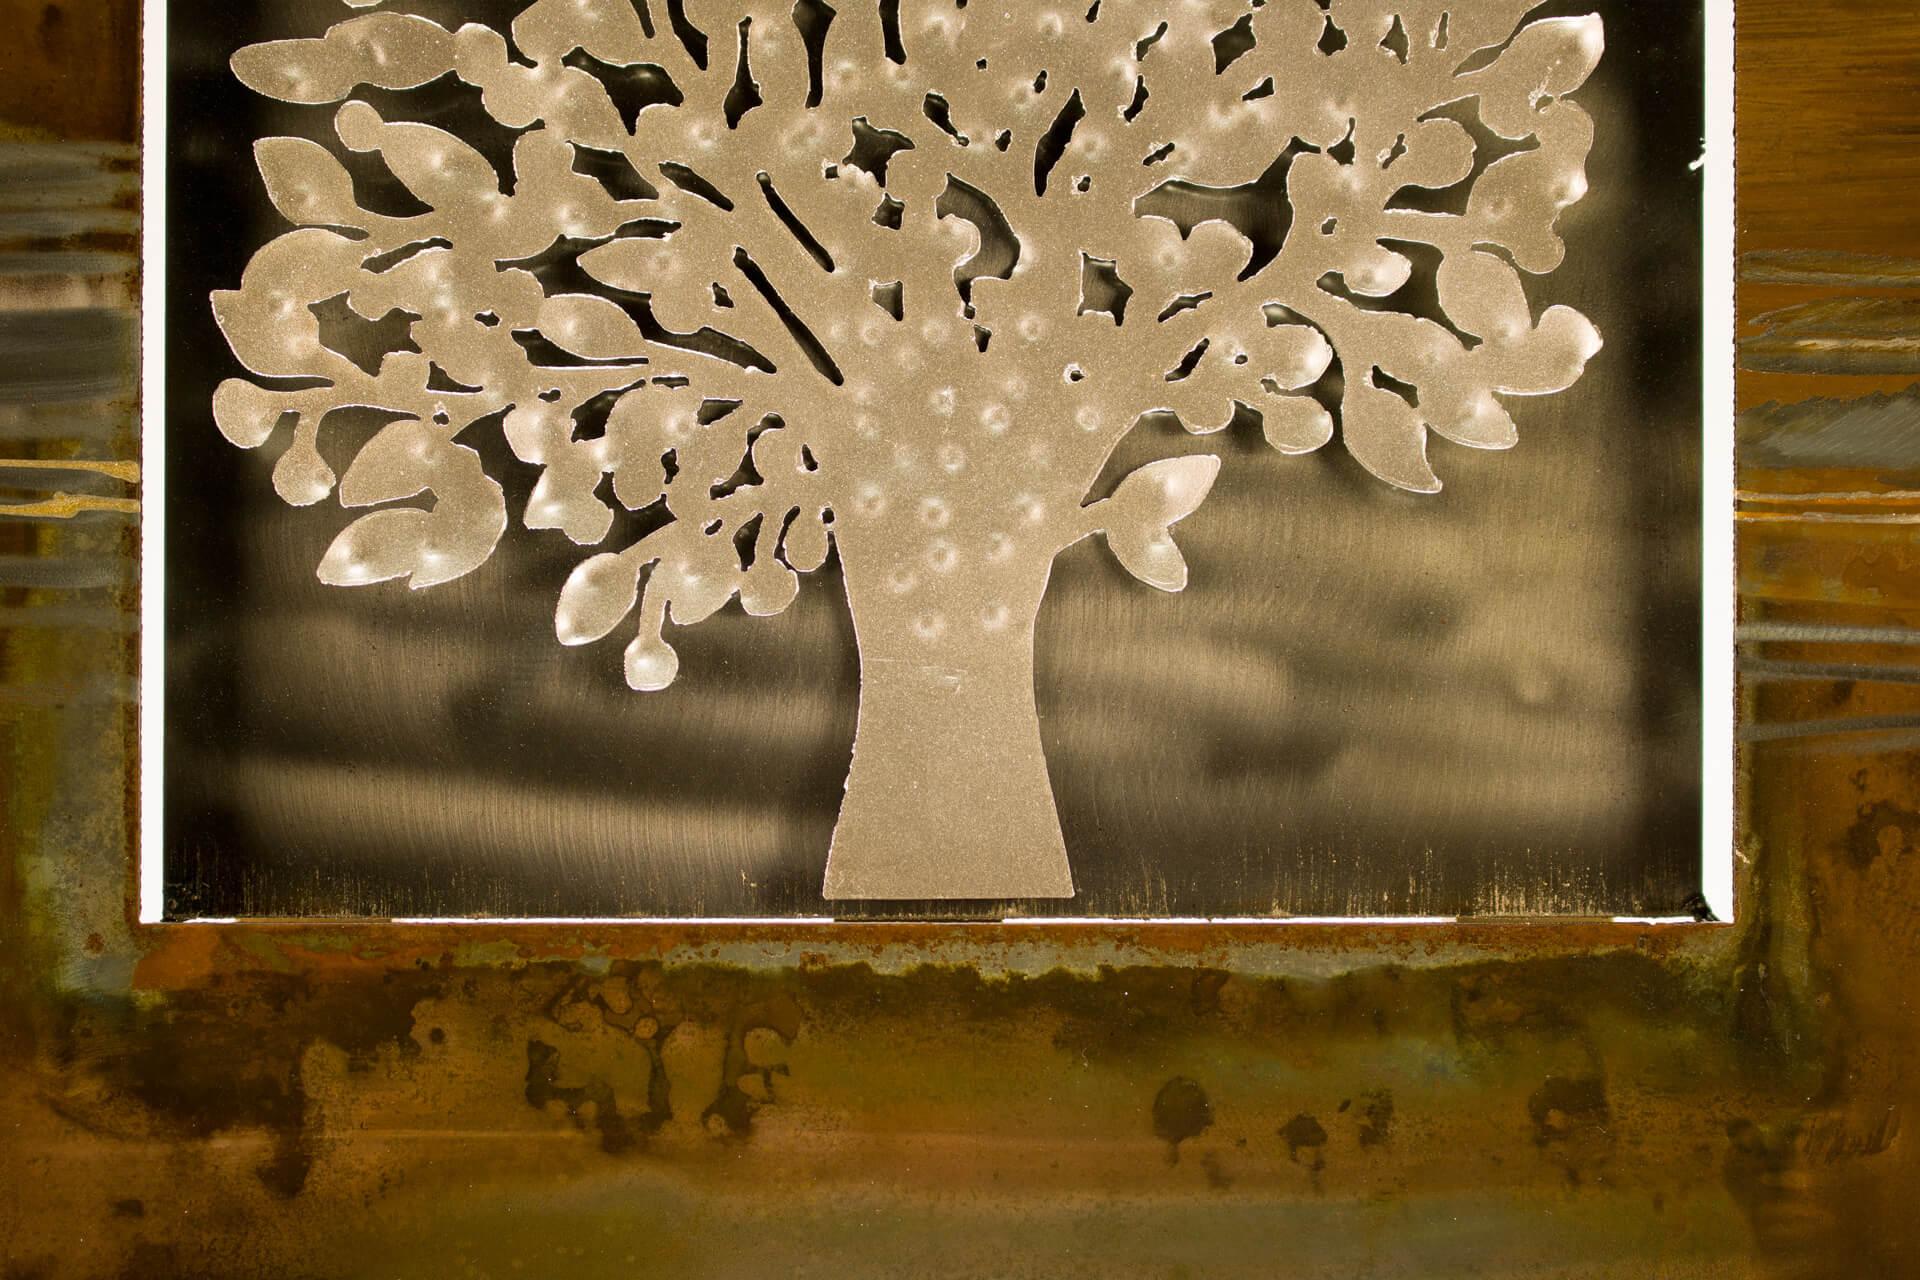 Full Size of Wanddeko Modern Baum Braun Silber Design Xxl Handgefertigt Esstisch Deckenlampen Wohnzimmer Modernes Sofa Bilder Tapete Küche Weiss Bett 180x200 Moderne Wohnzimmer Wanddeko Modern